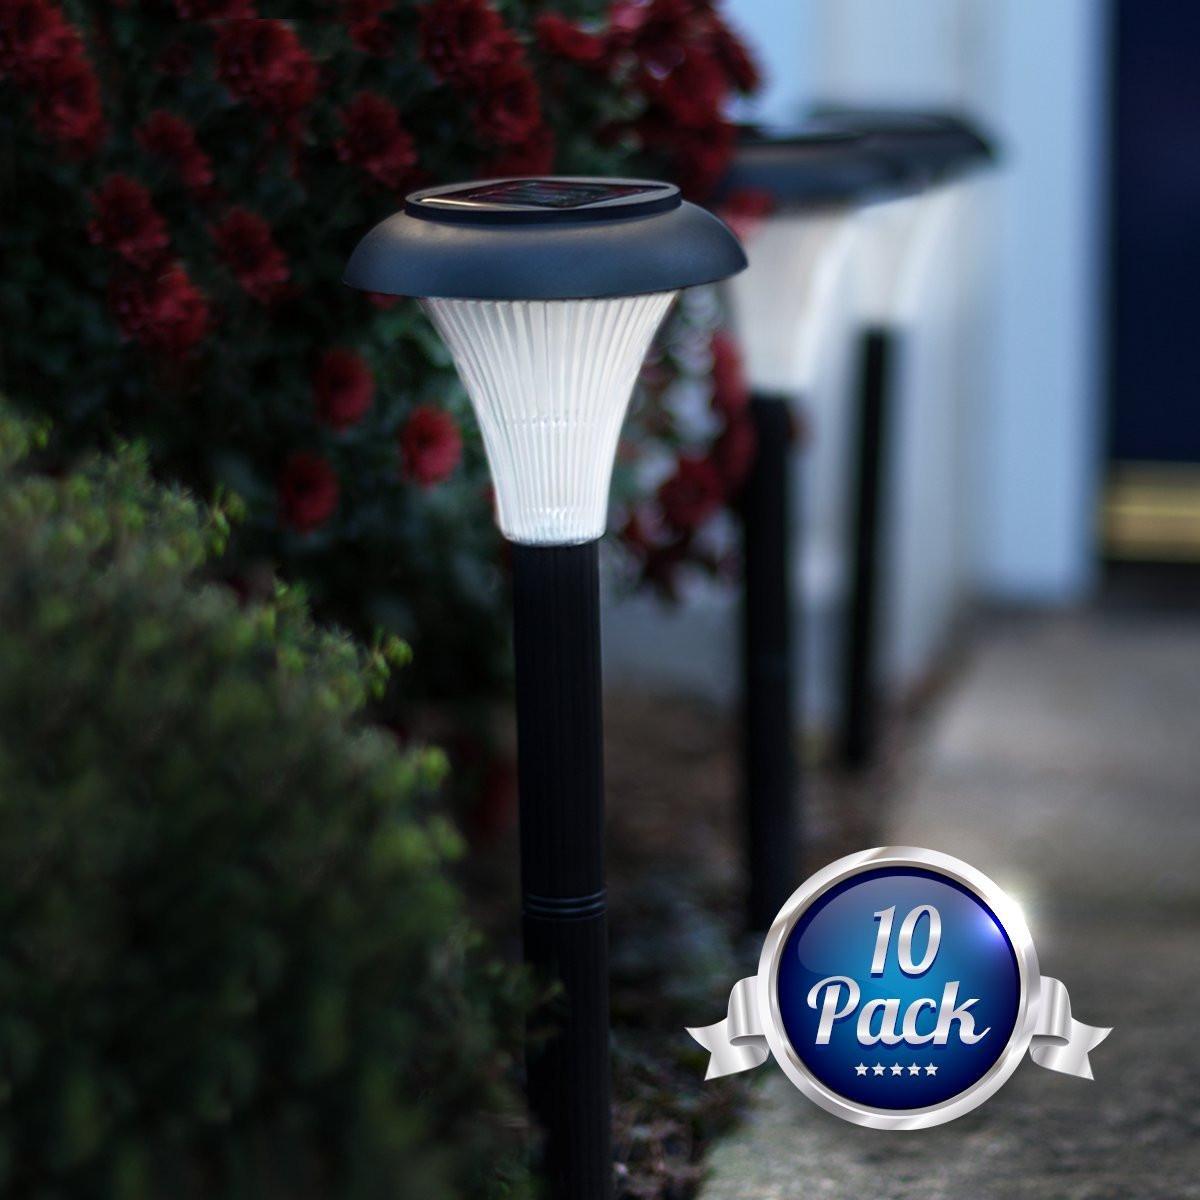 Best Solar Landscape Lights  Best solar path lights Reviews Top Best Reviews